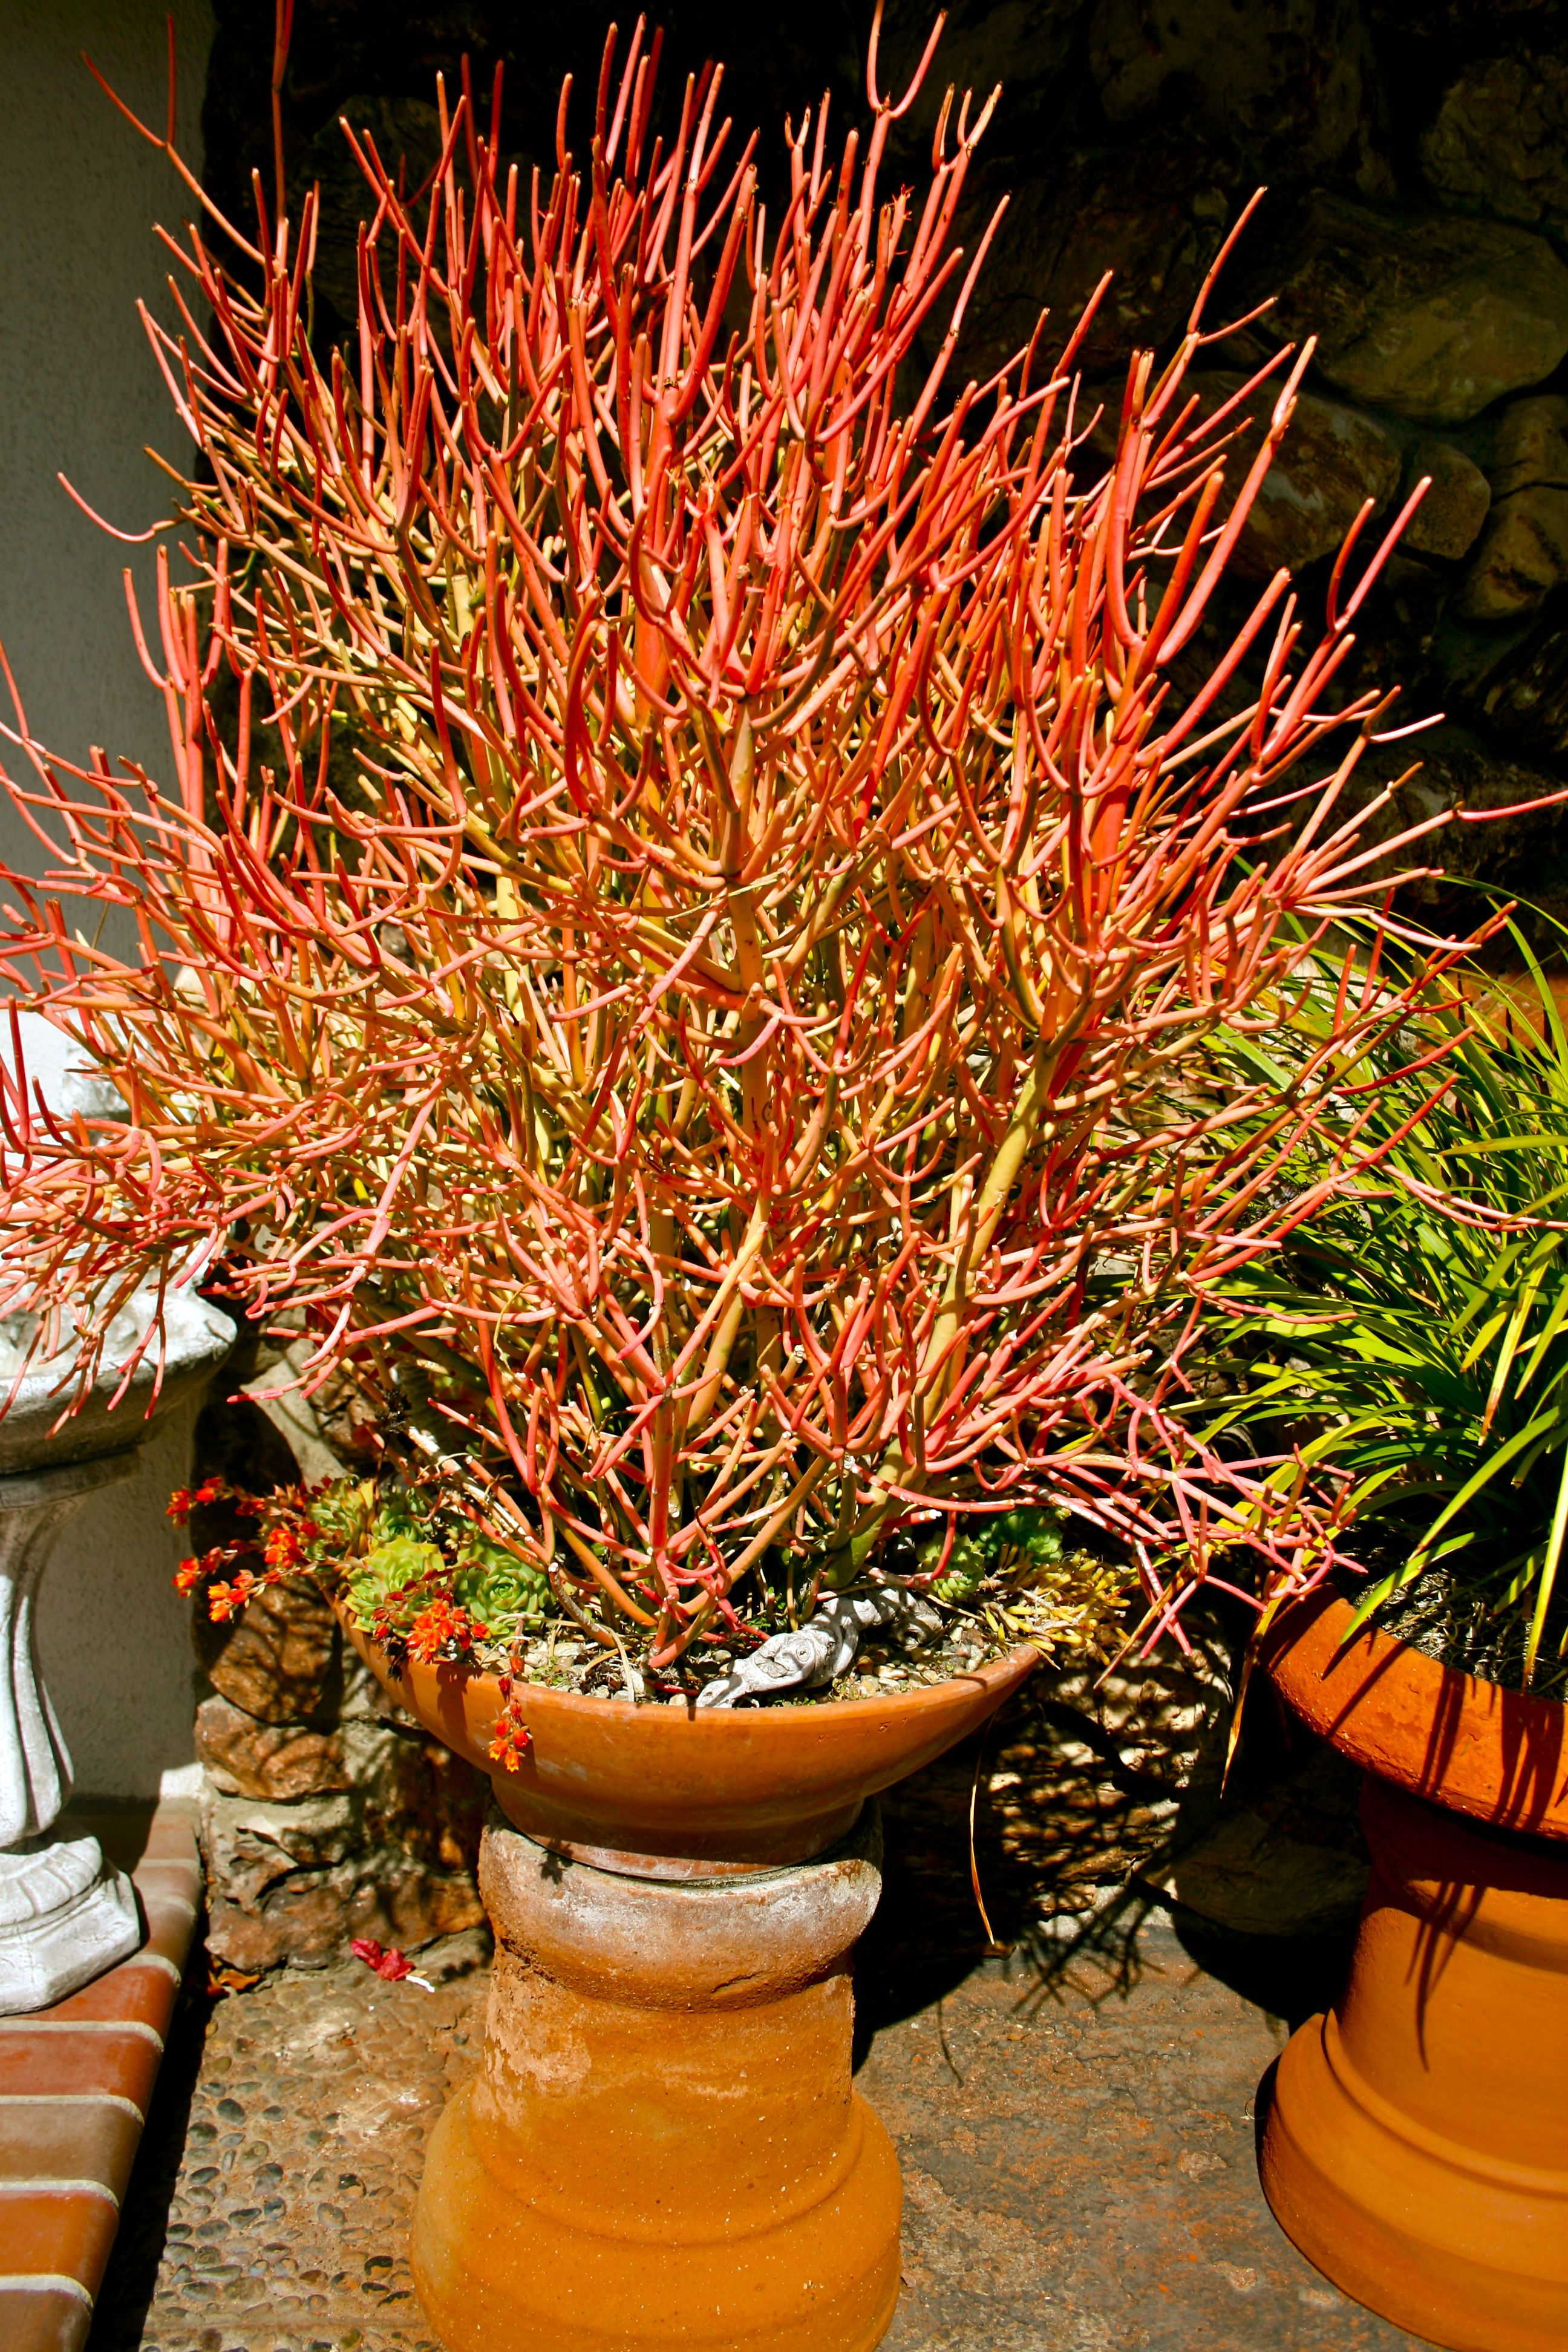 Cactus in california plants garden cactus